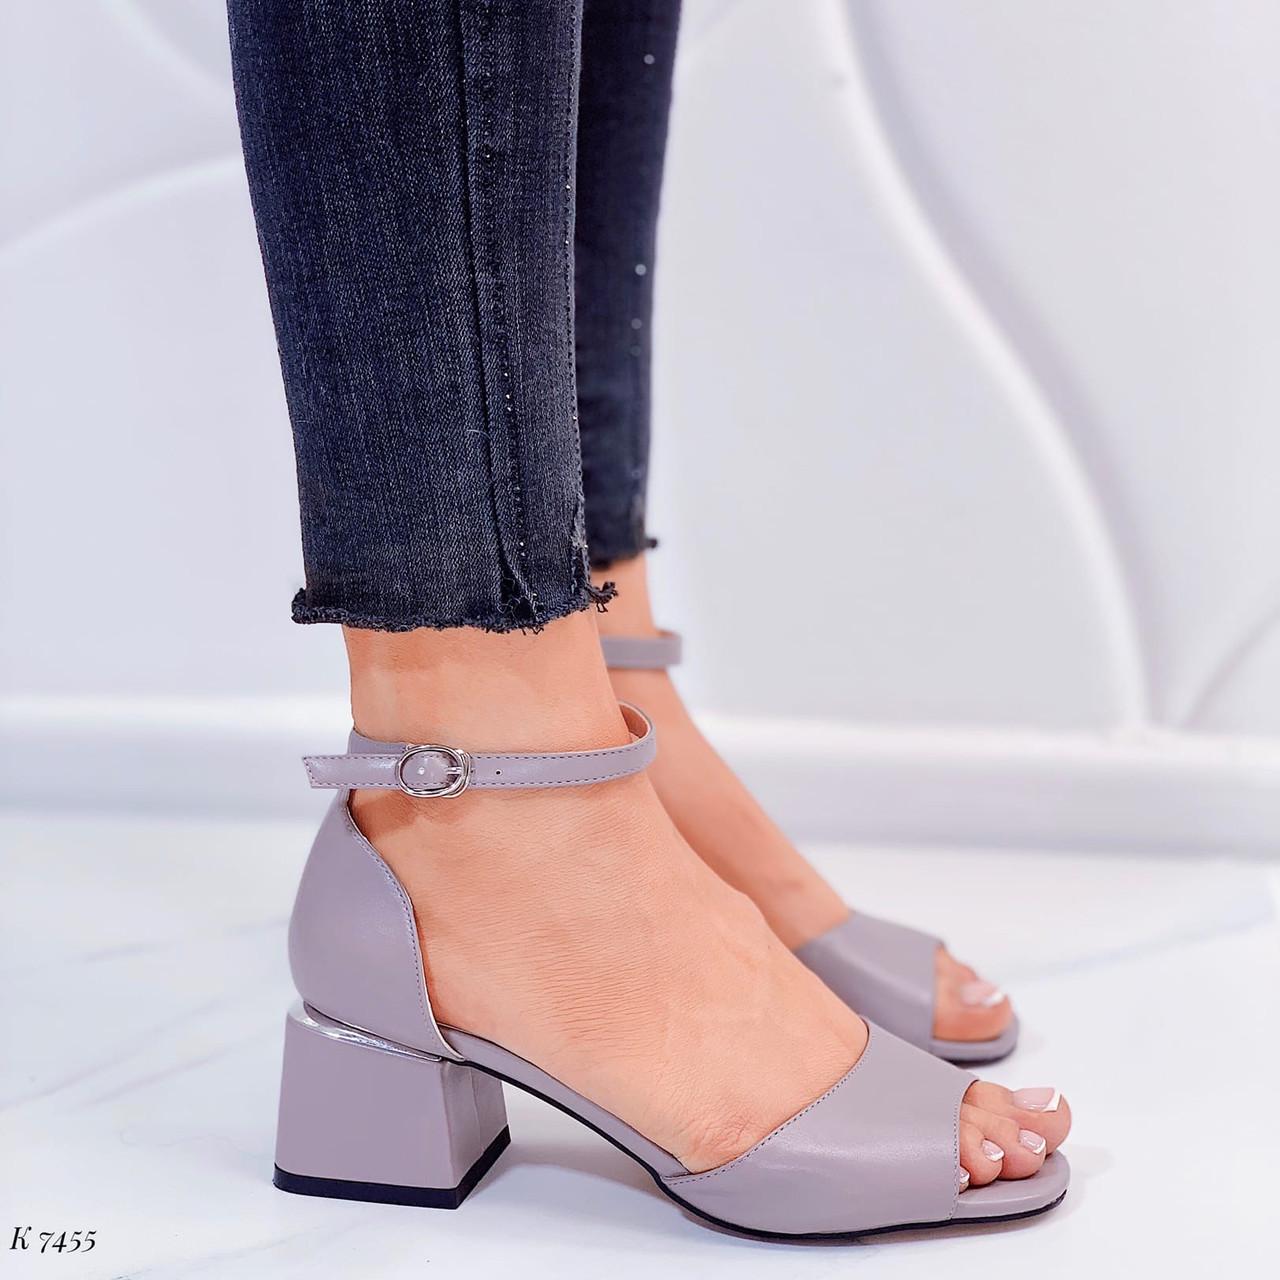 Босоножки женские серые эко кожа на каблуке 4 см